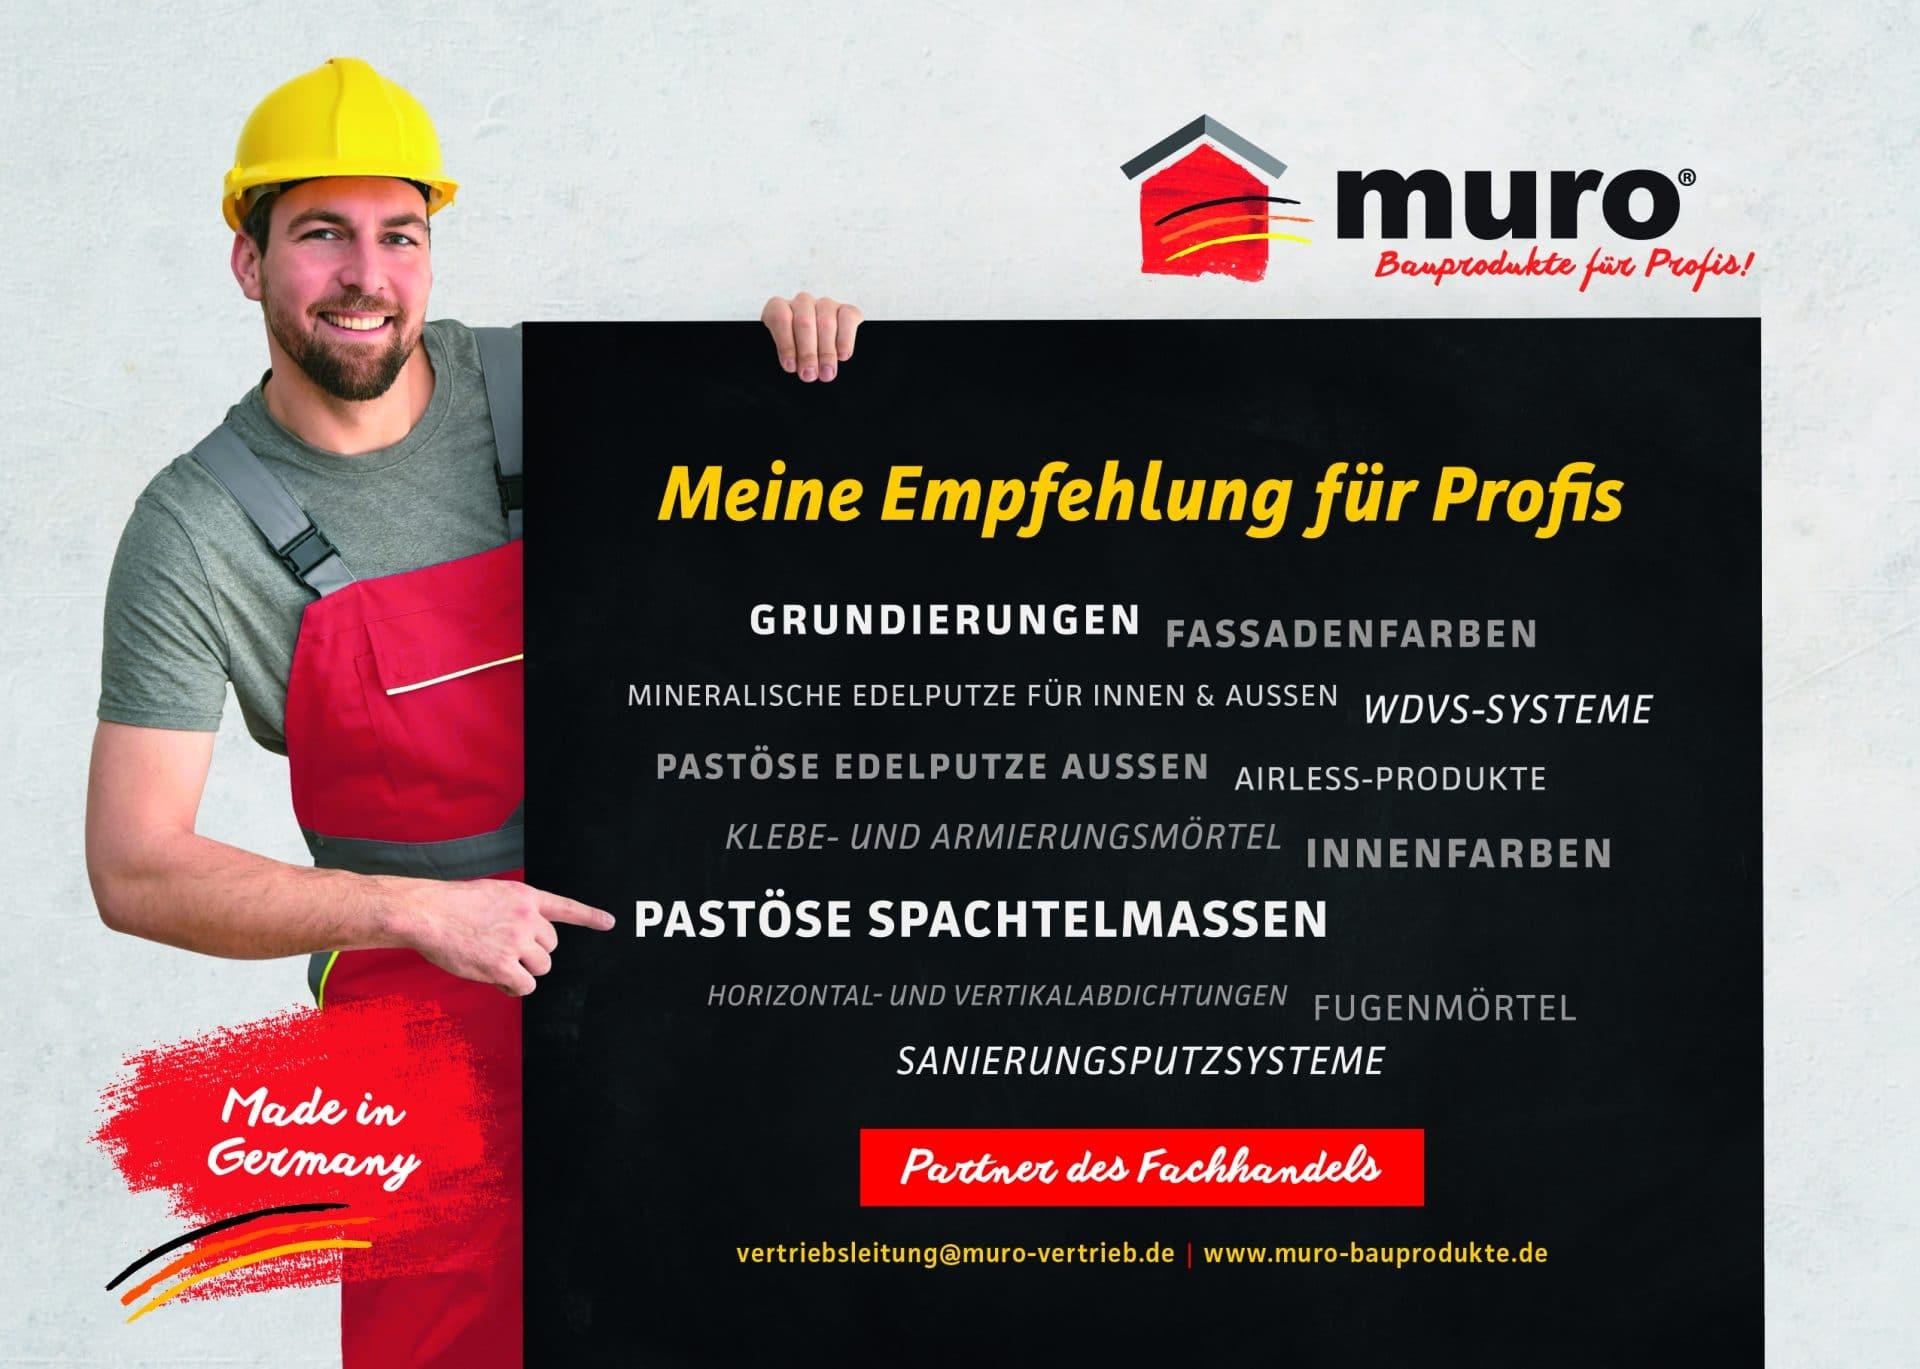 grundierungen von muro